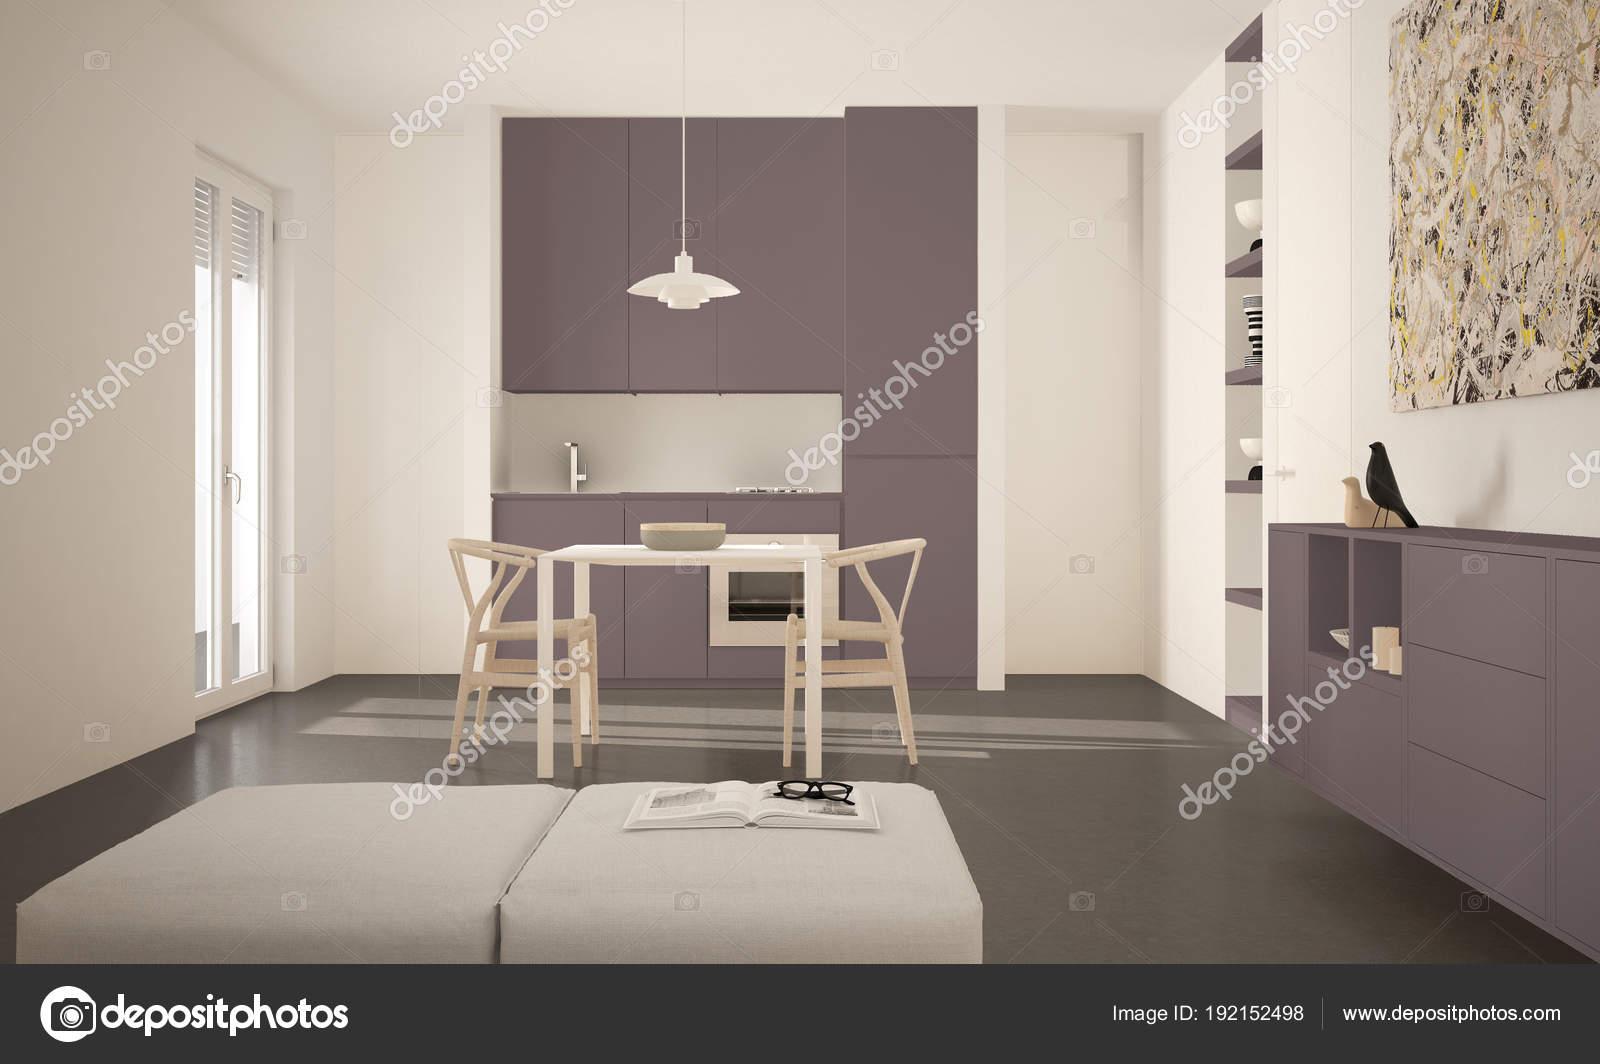 Minimalista moderna luminosa cucina con tavolo da pranzo e sedie ...